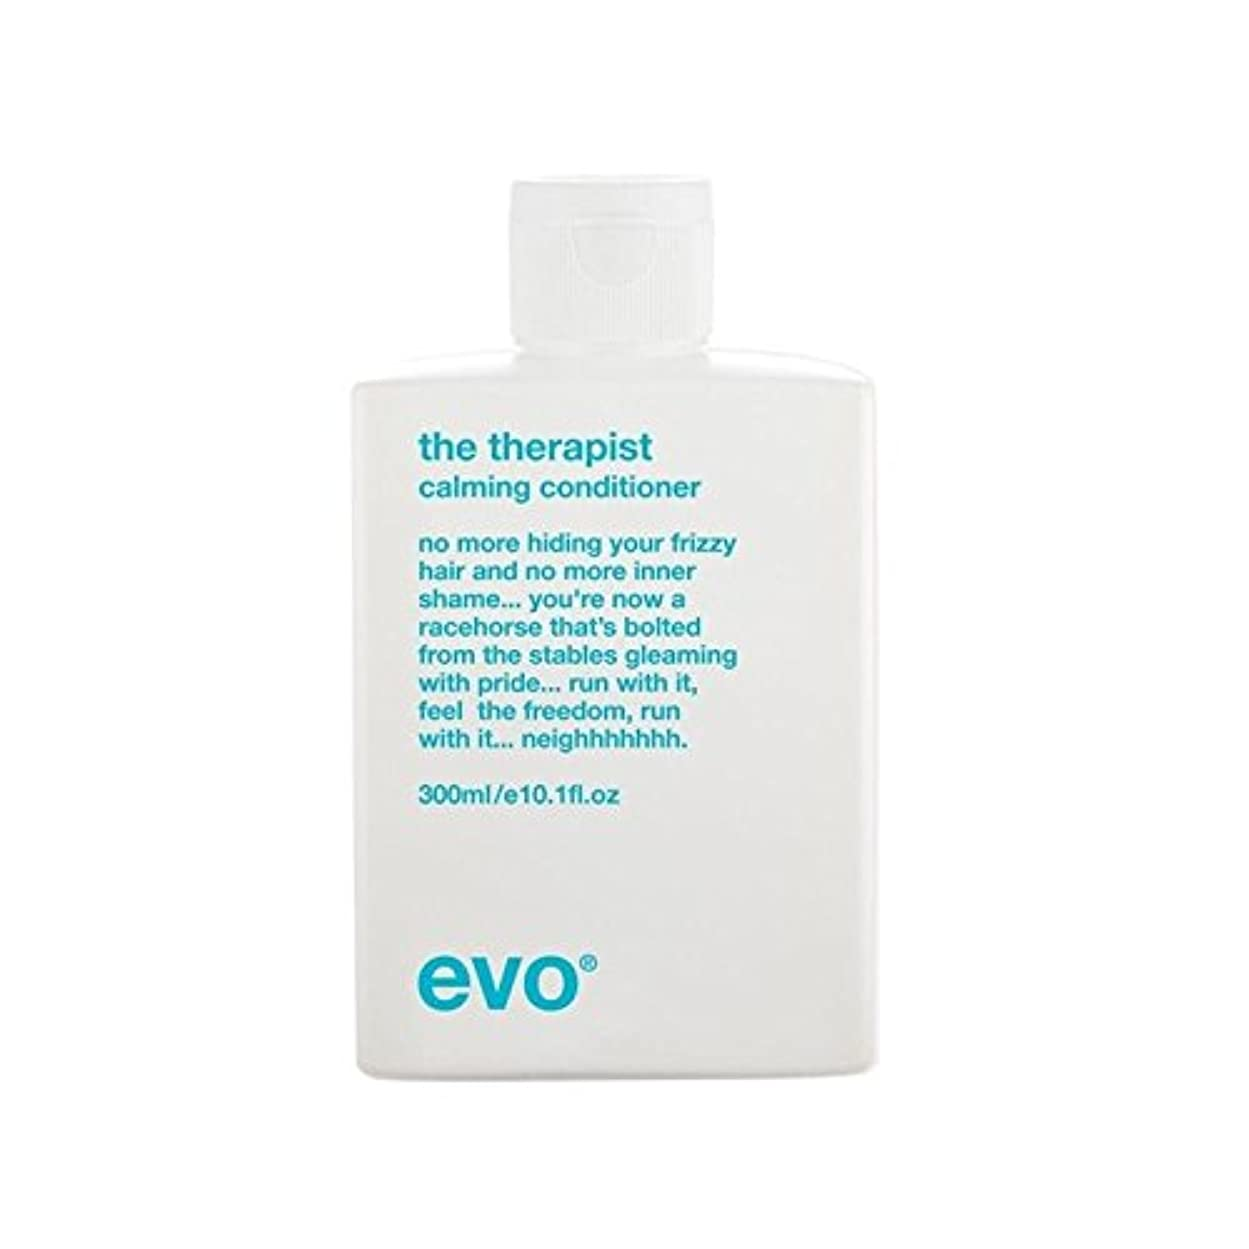 湿地拮抗するカートリッジセラピスト沈静コンディショナー(300ミリリットル) x4 - Evo The Therapist Calming Conditioner (300ml) (Pack of 4) [並行輸入品]